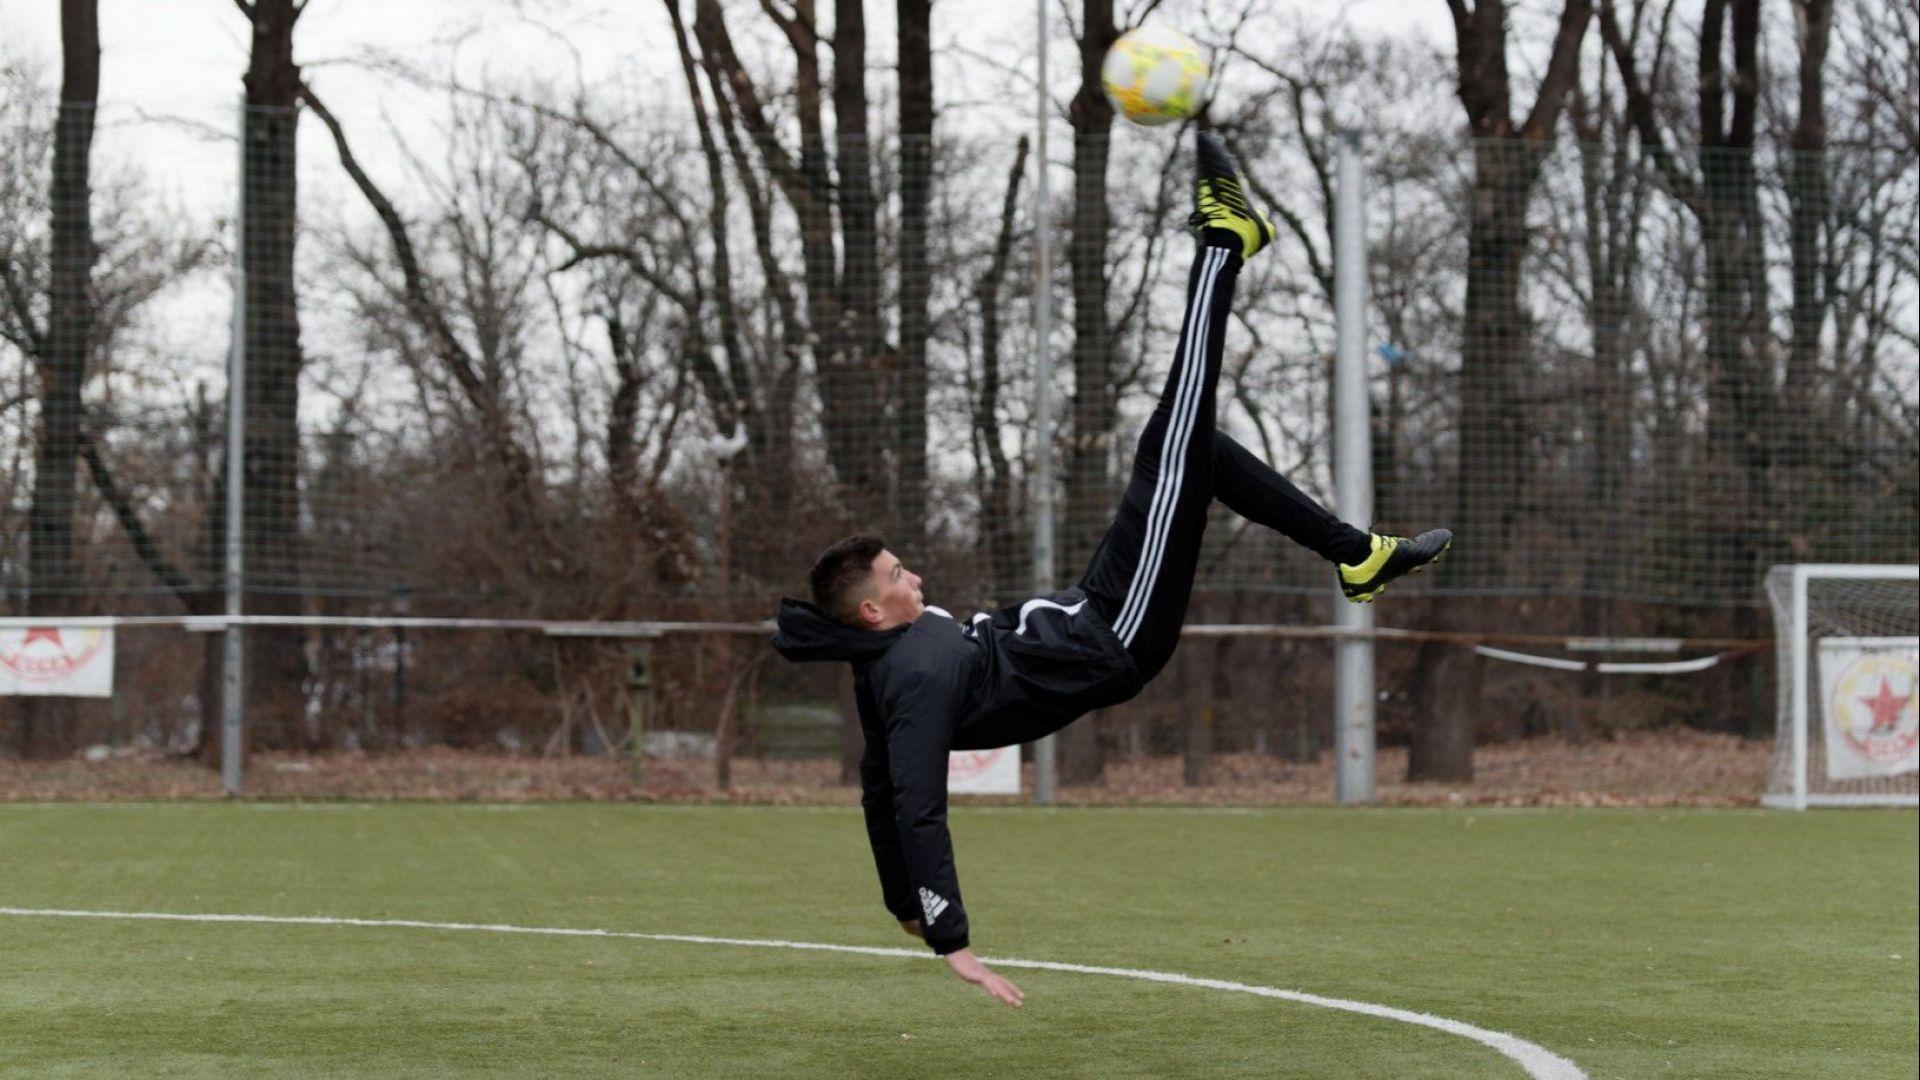 Талантливият Марк-Емилио Папазов иска да играе срещу силни съперници